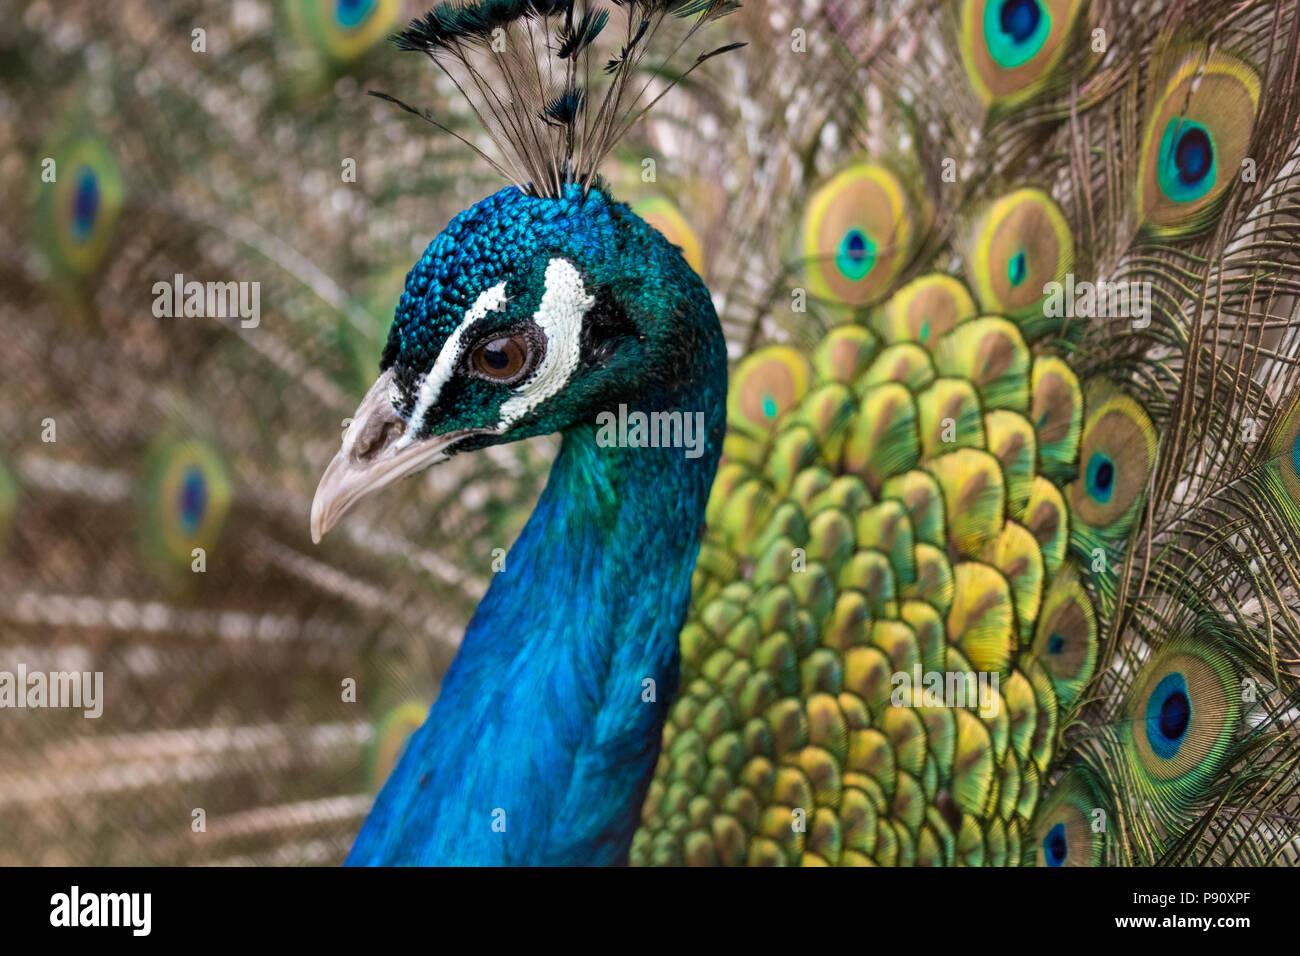 Bellissimo pavone maschio, ritratto con la sua colorata in giallo, verde e blu di piume, close-up Immagini Stock